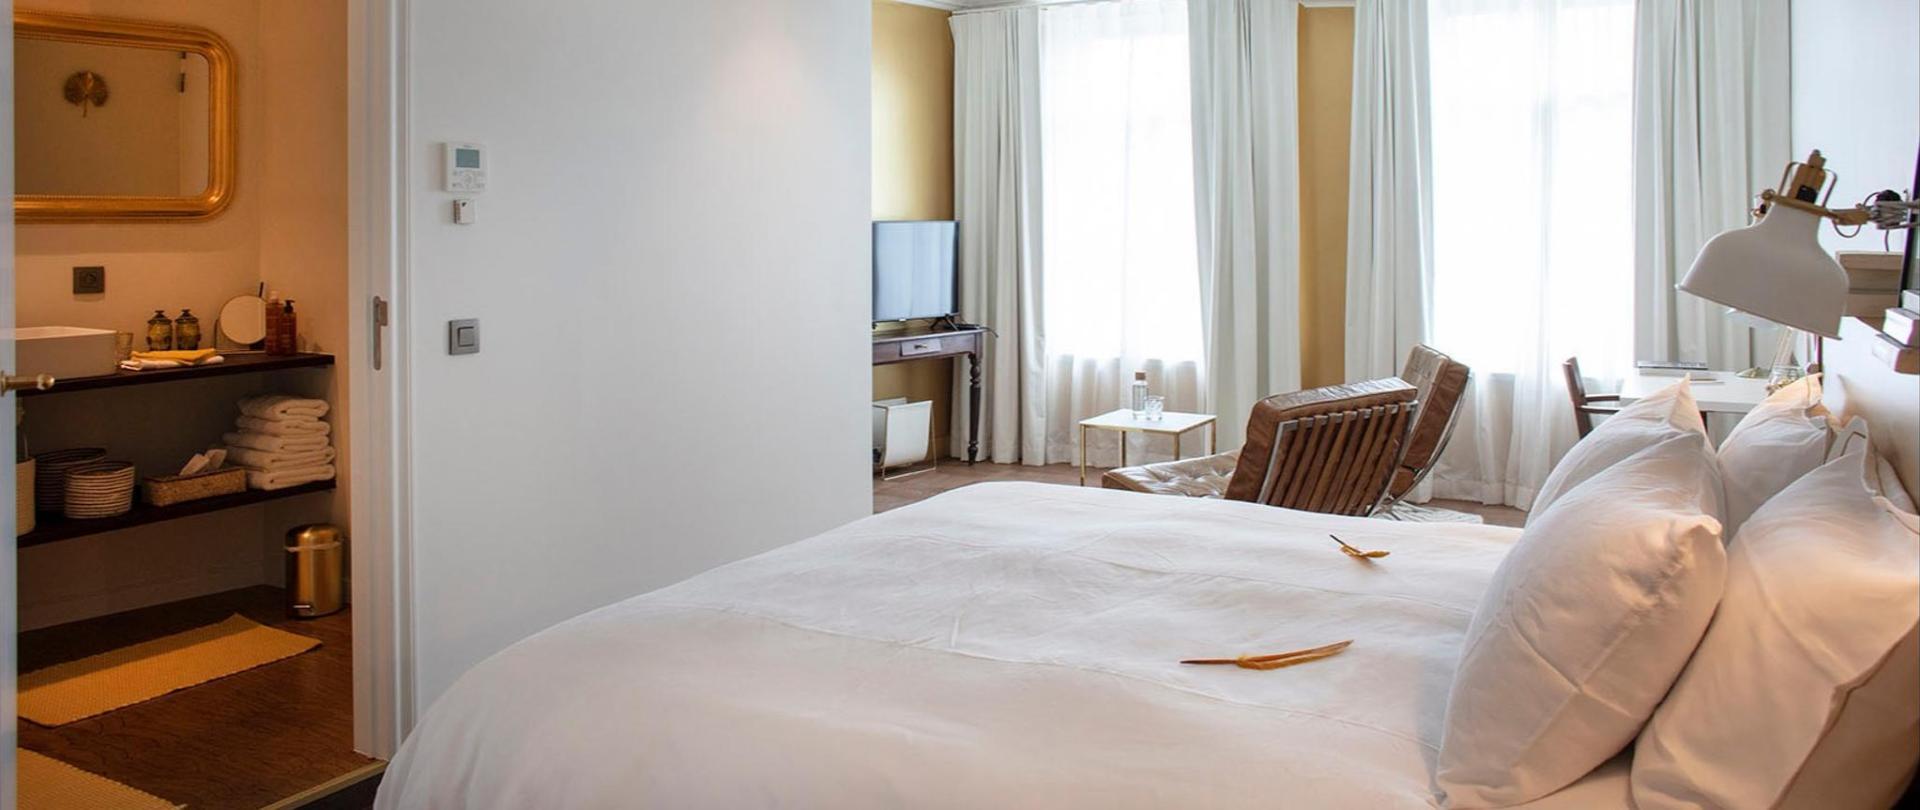 broel4 hotel kortrijk golden room overzicht.jpg